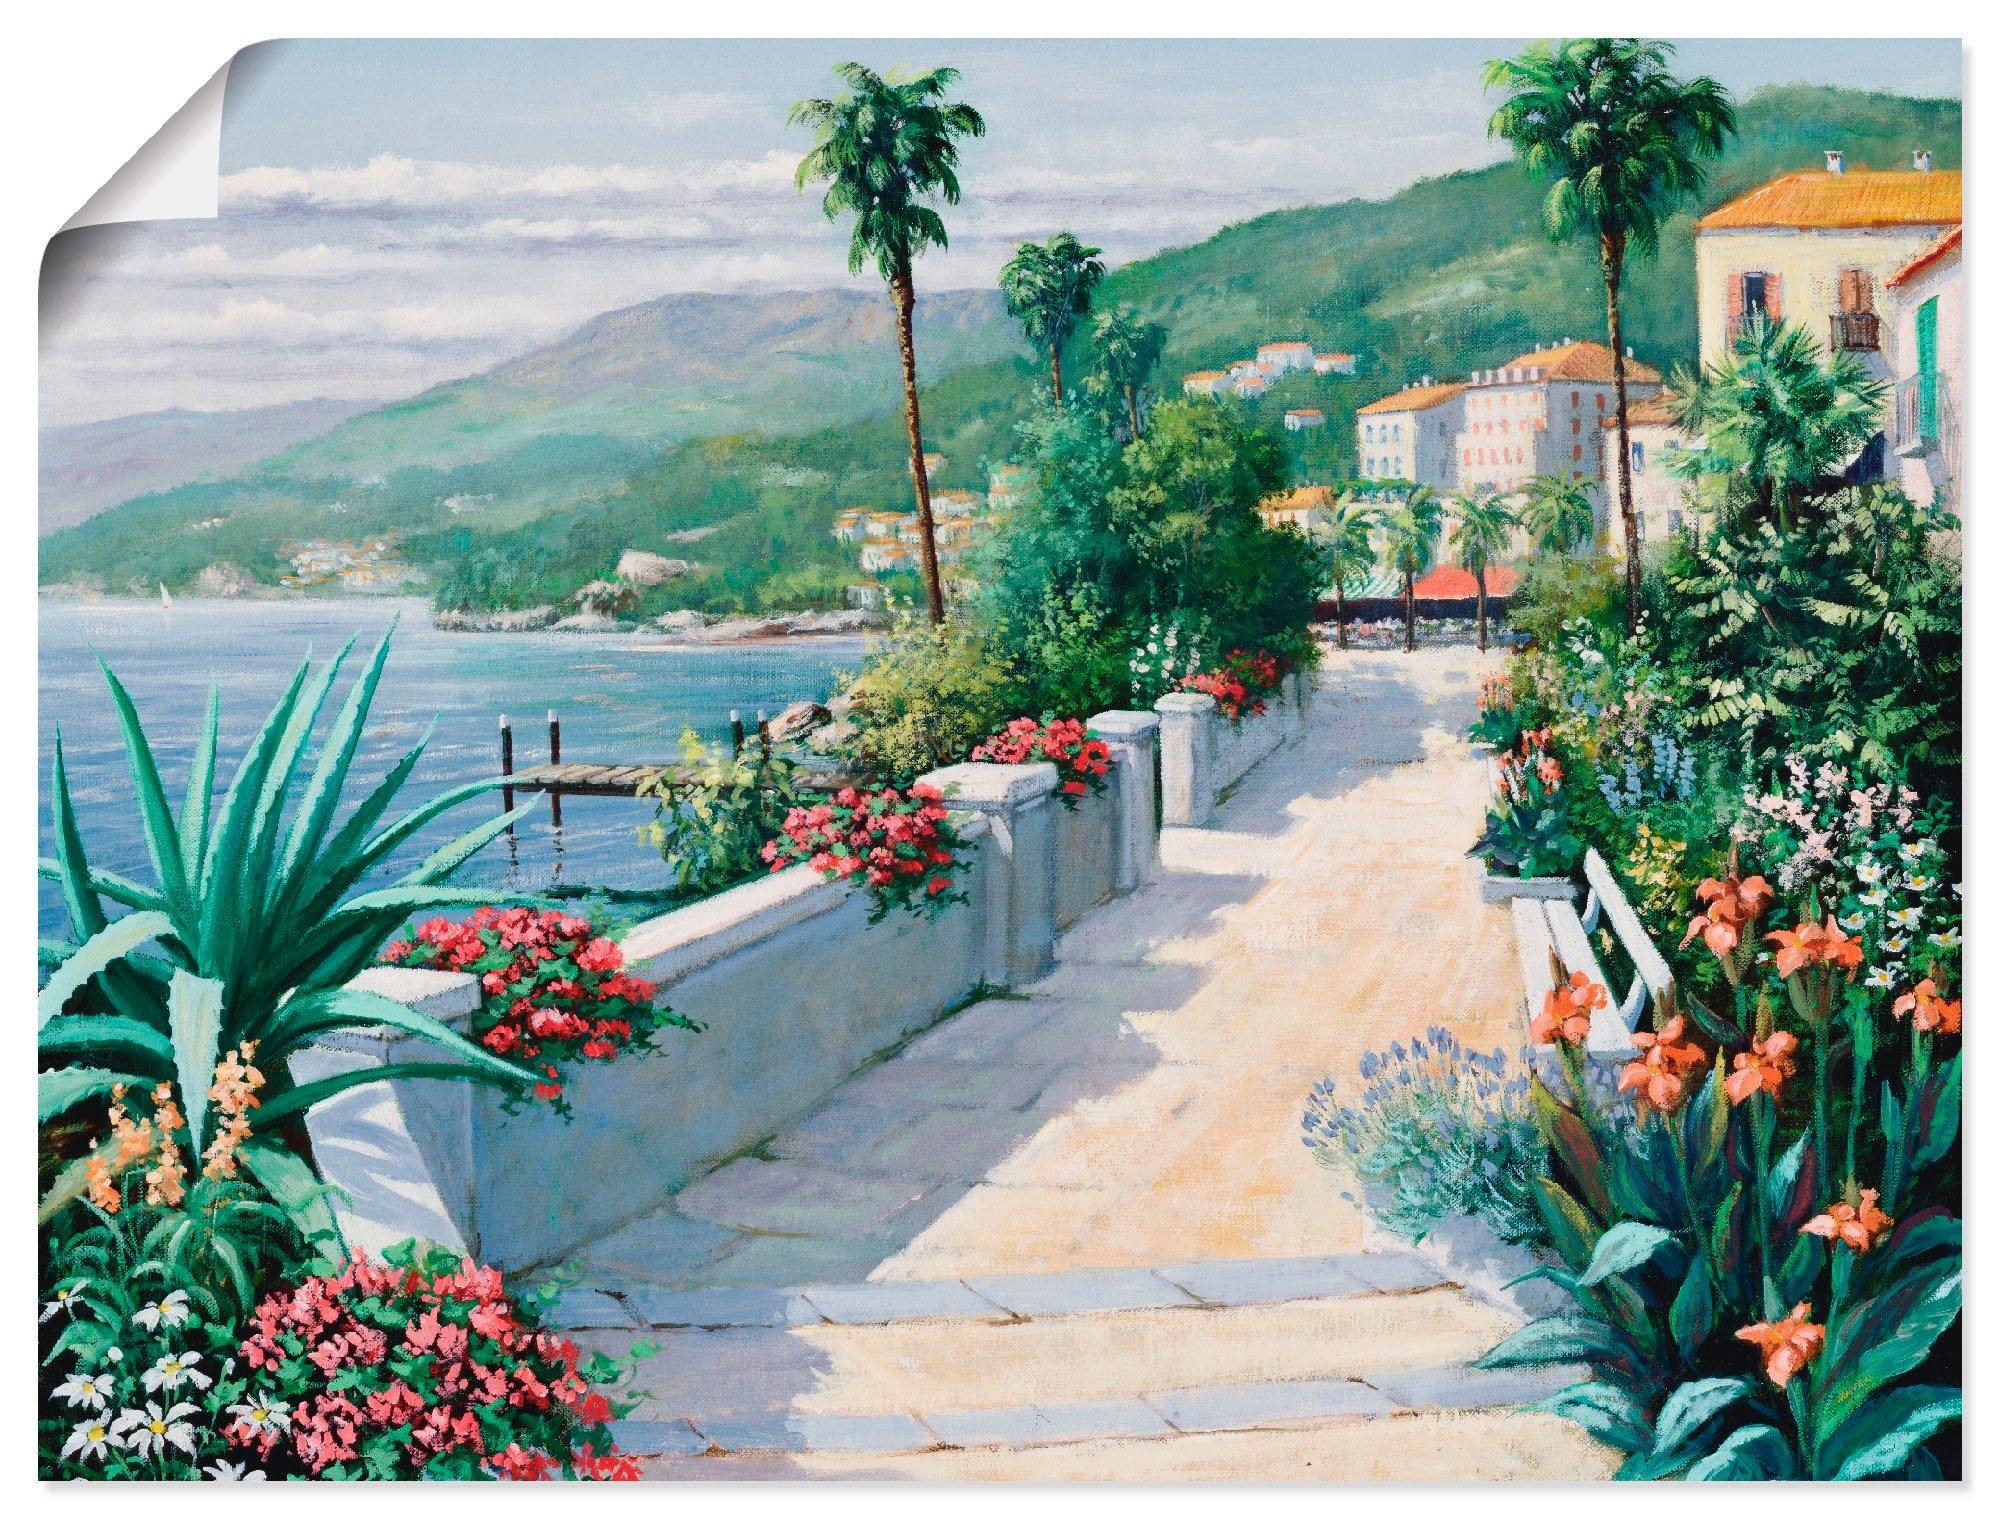 Artland Artprint Costa del Pietro I in vele afmetingen & productsoorten -artprint op linnen, poster, muursticker / wandfolie ook geschikt voor de badkamer (1 stuk) bij OTTO online kopen